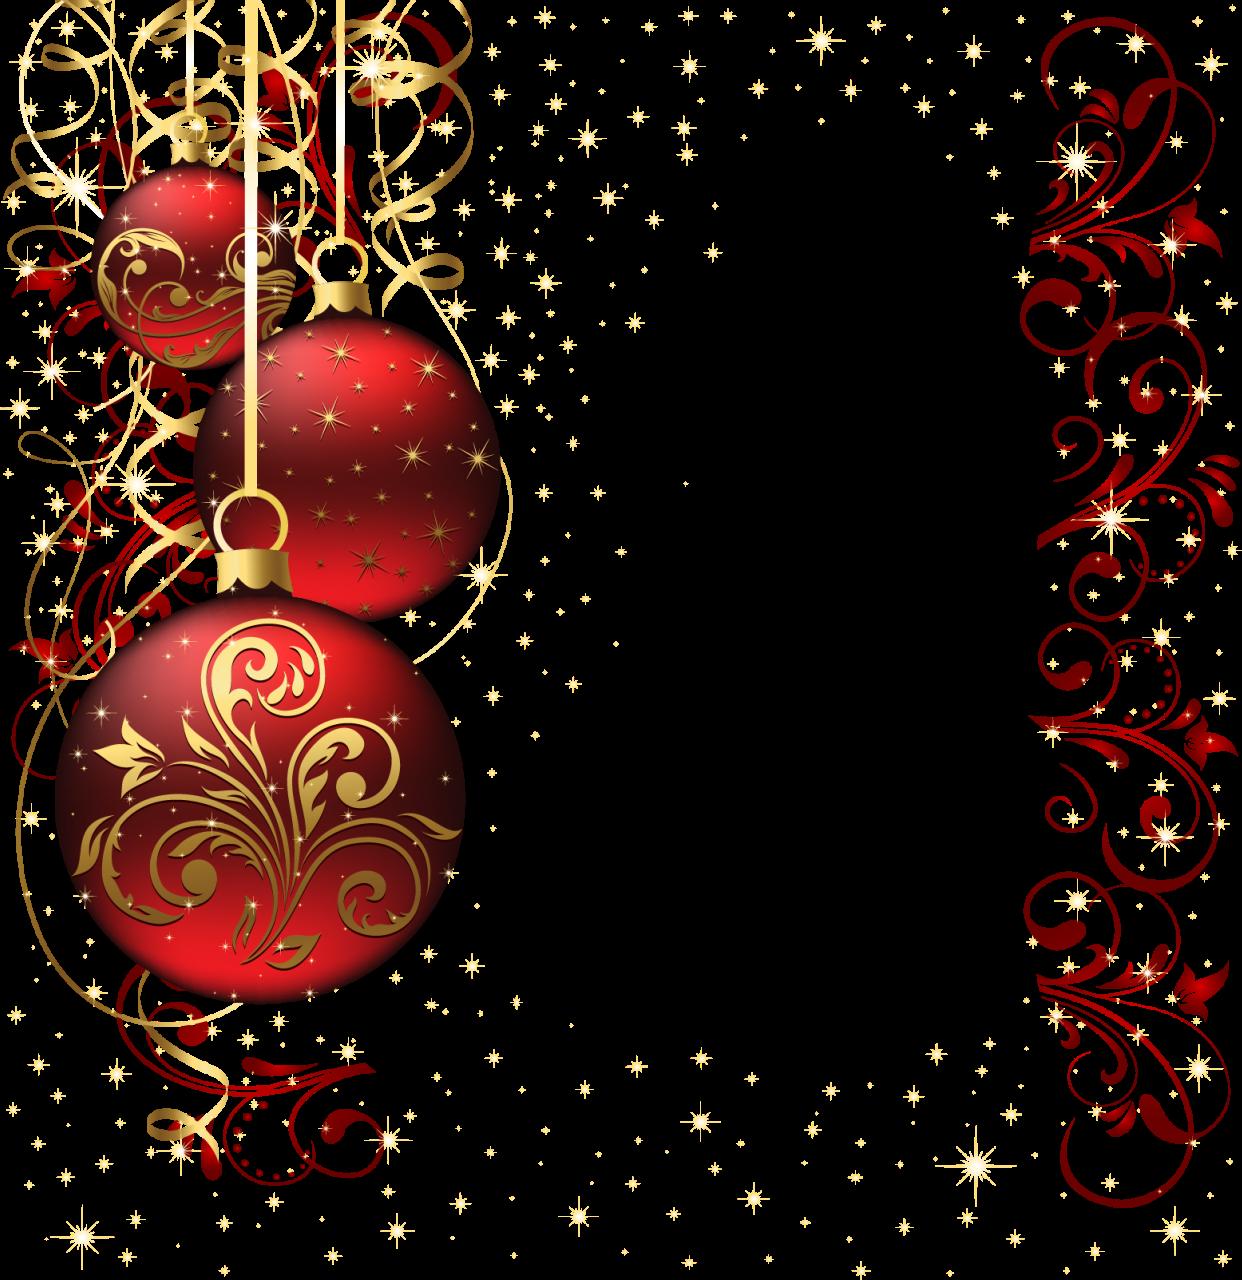 Элементы для оформления новогодних открыток